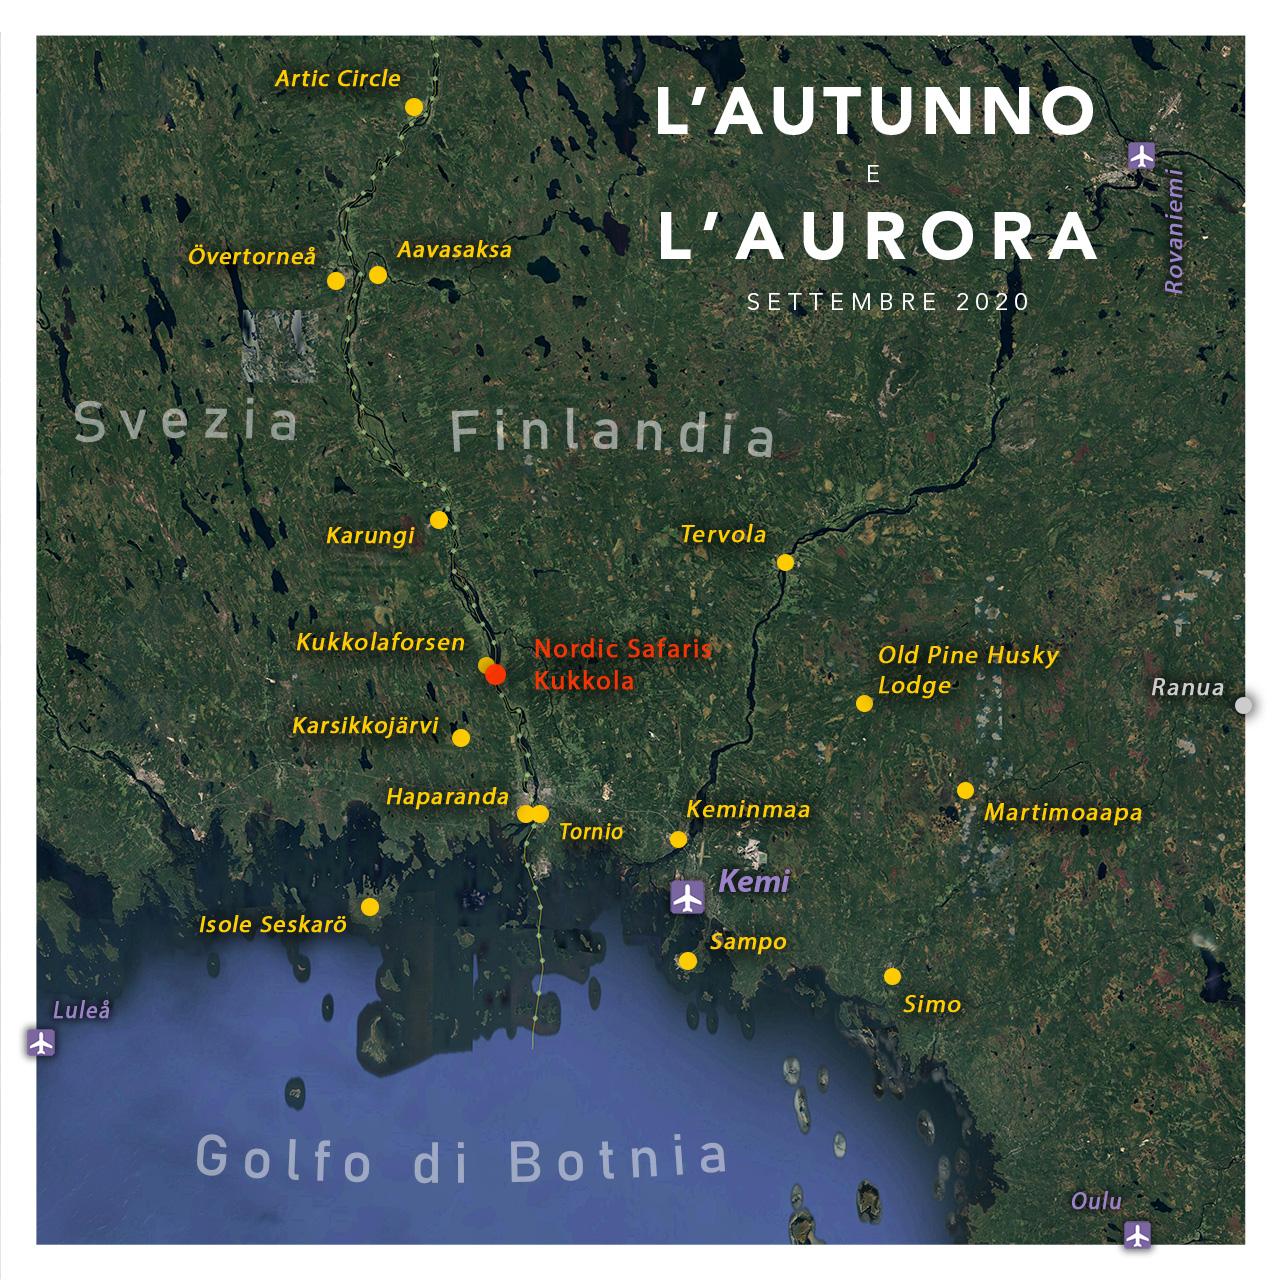 Viaggi di Gruppo  2020_09_10-mappa-workshop-autunno_3_kukkola [RINVIATO al 2021] Settembre 2020, L'Autunno e L'Aurora